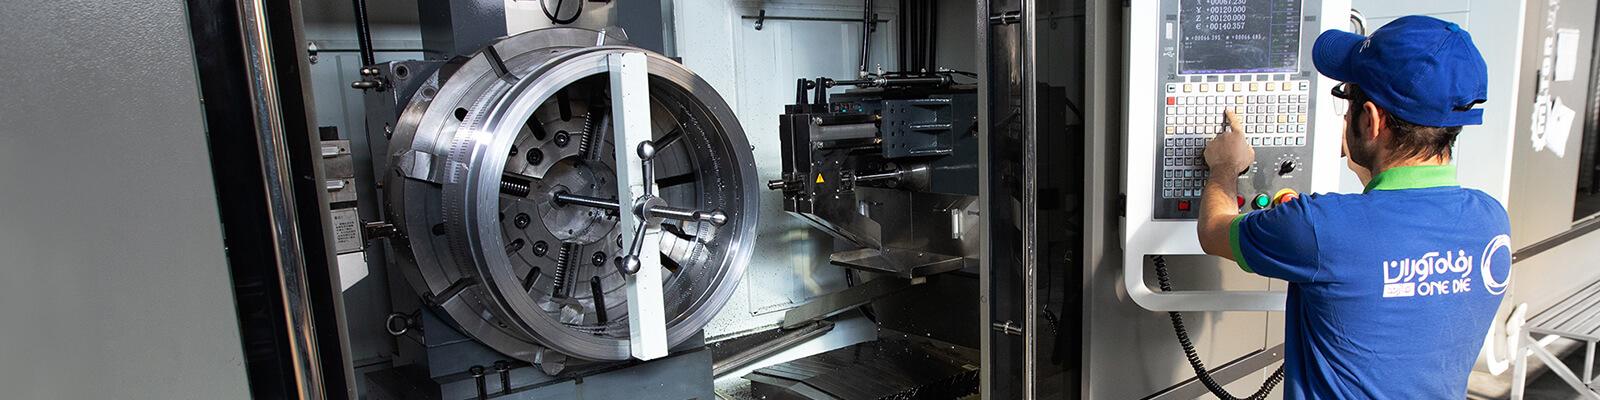 وحدة التقنية والإنتاج